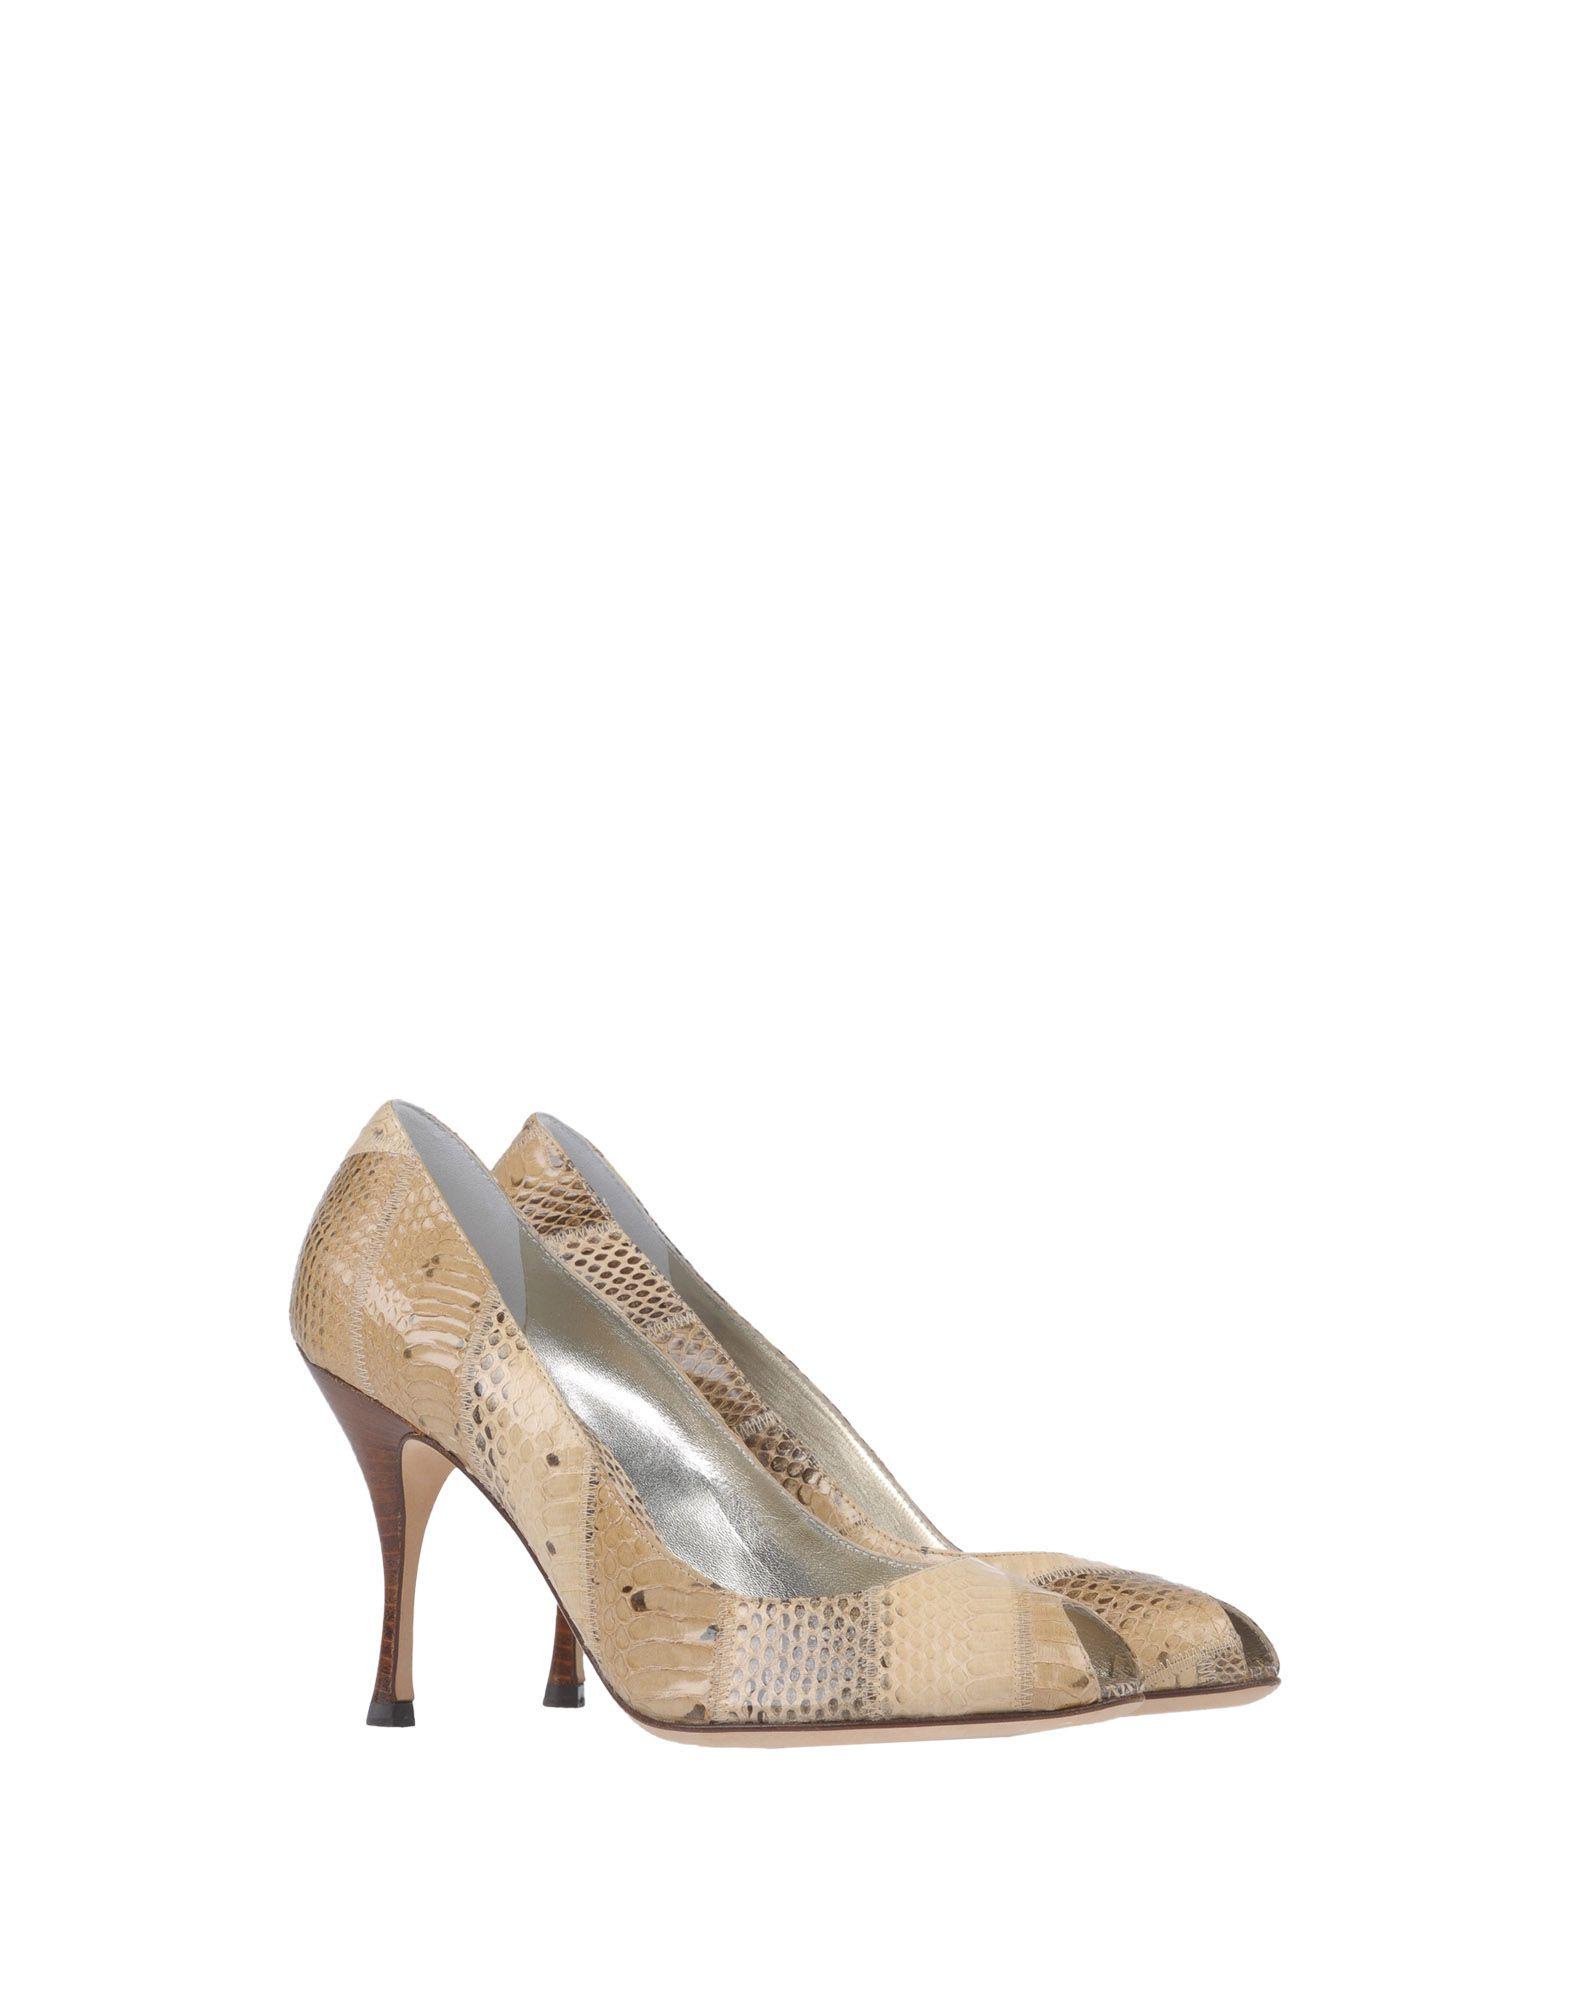 Dolce & & Dolce Gabbana Pumps Damen  11342854FE Neue Schuhe de94a8